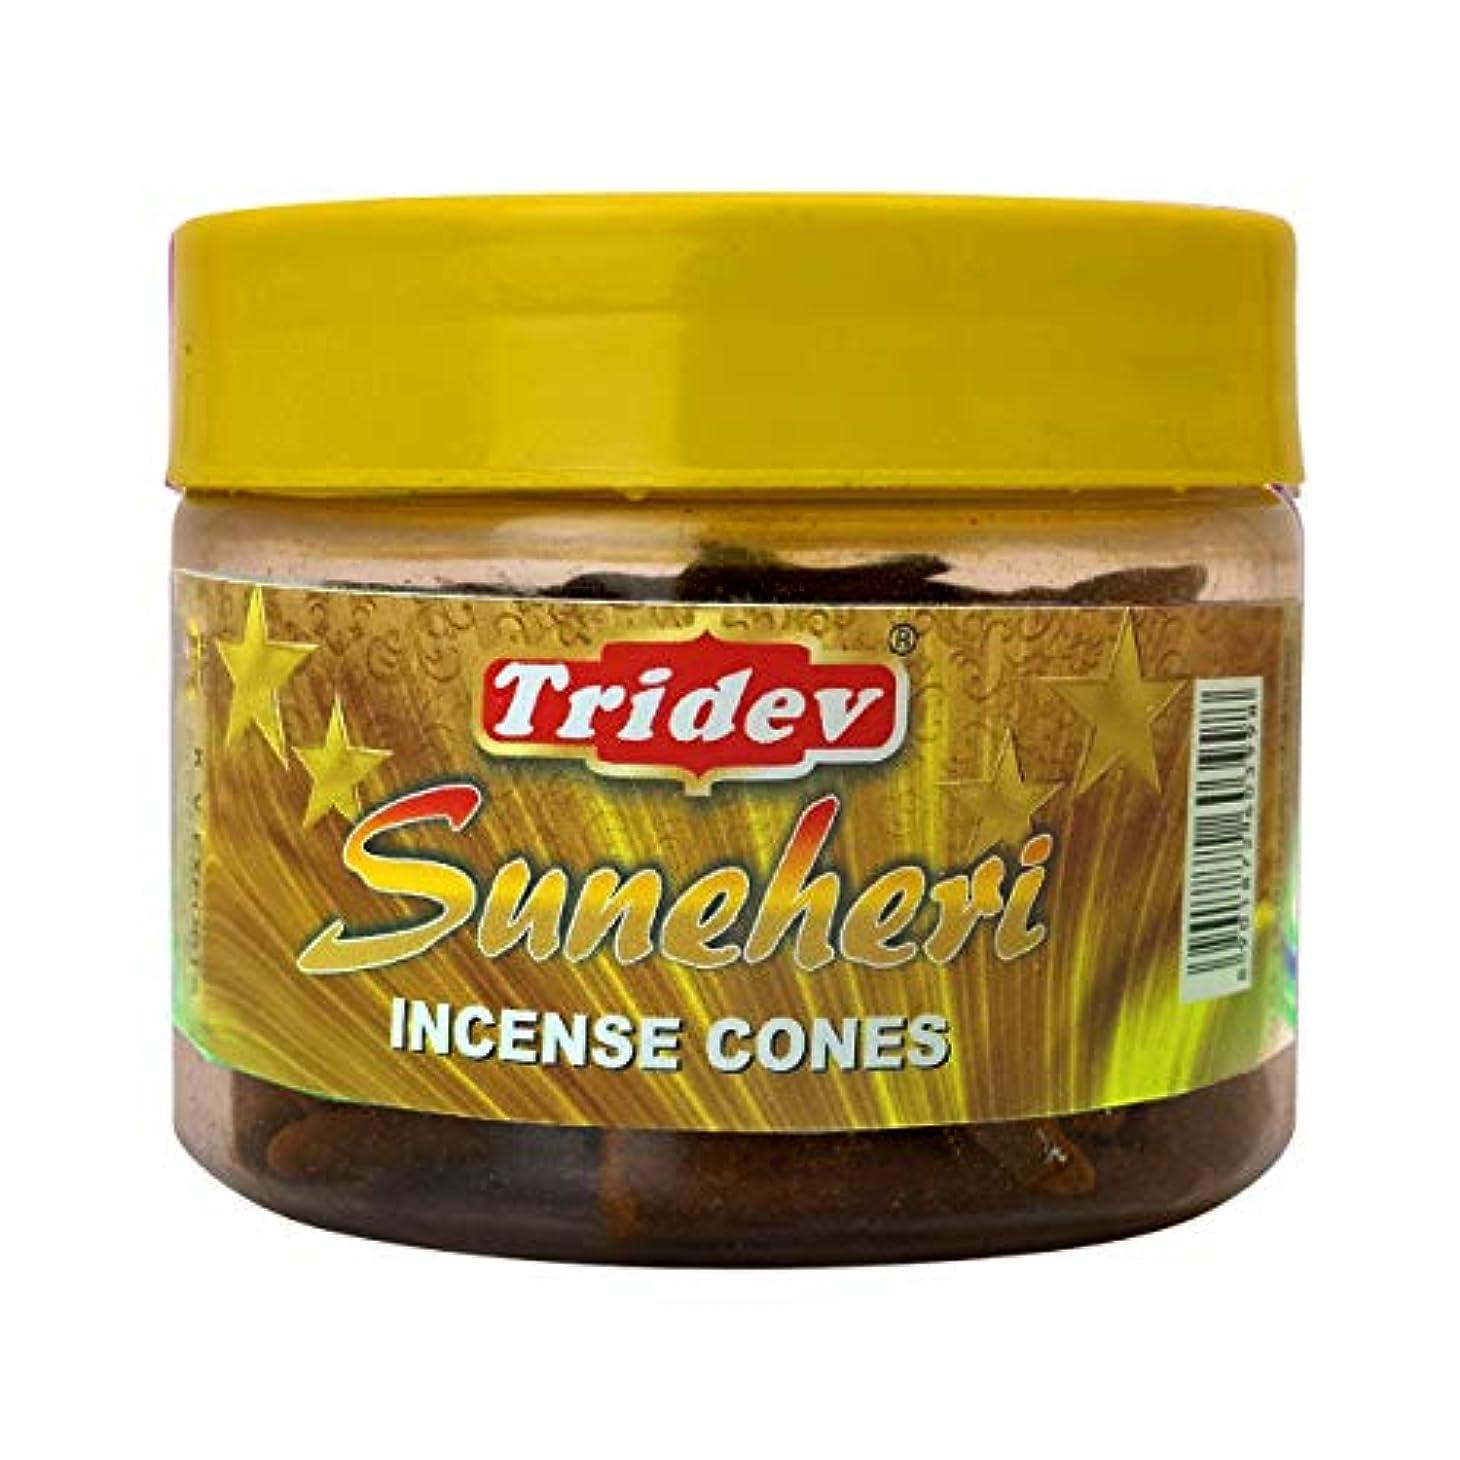 定常早熟現れるTridev Sunehri フレグランス コーン型お香瓶 1080グラム ボックス入り 12個入り 輸出品質